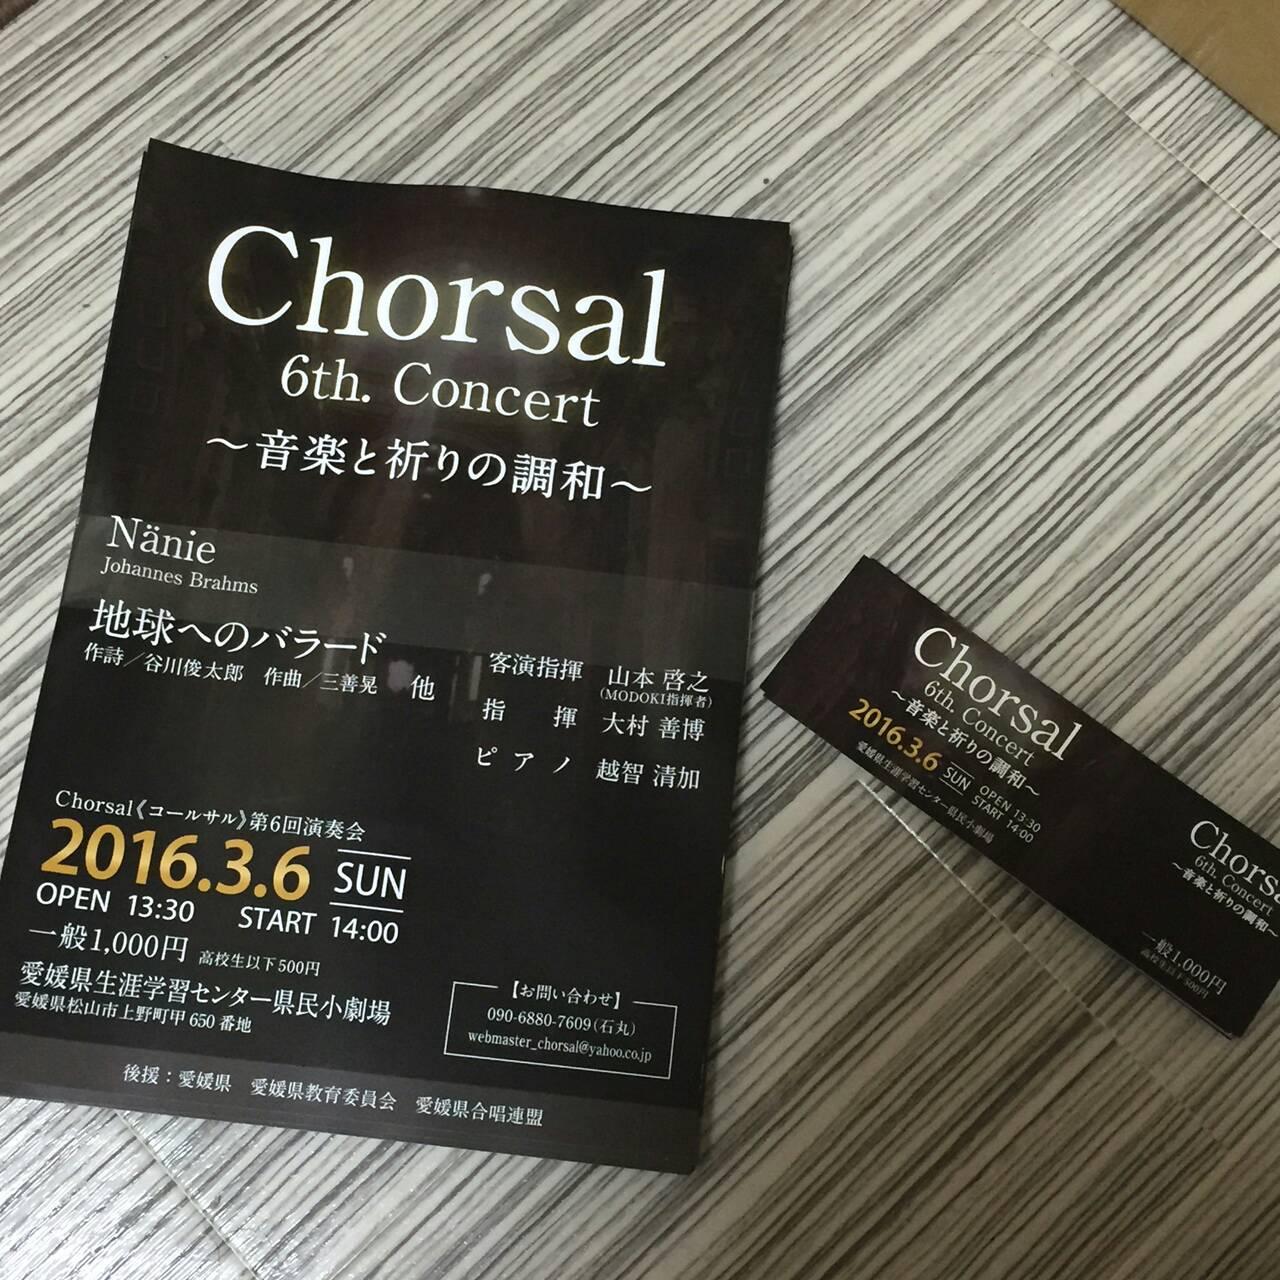 6thコンサート、チラシ・チケットできました♪